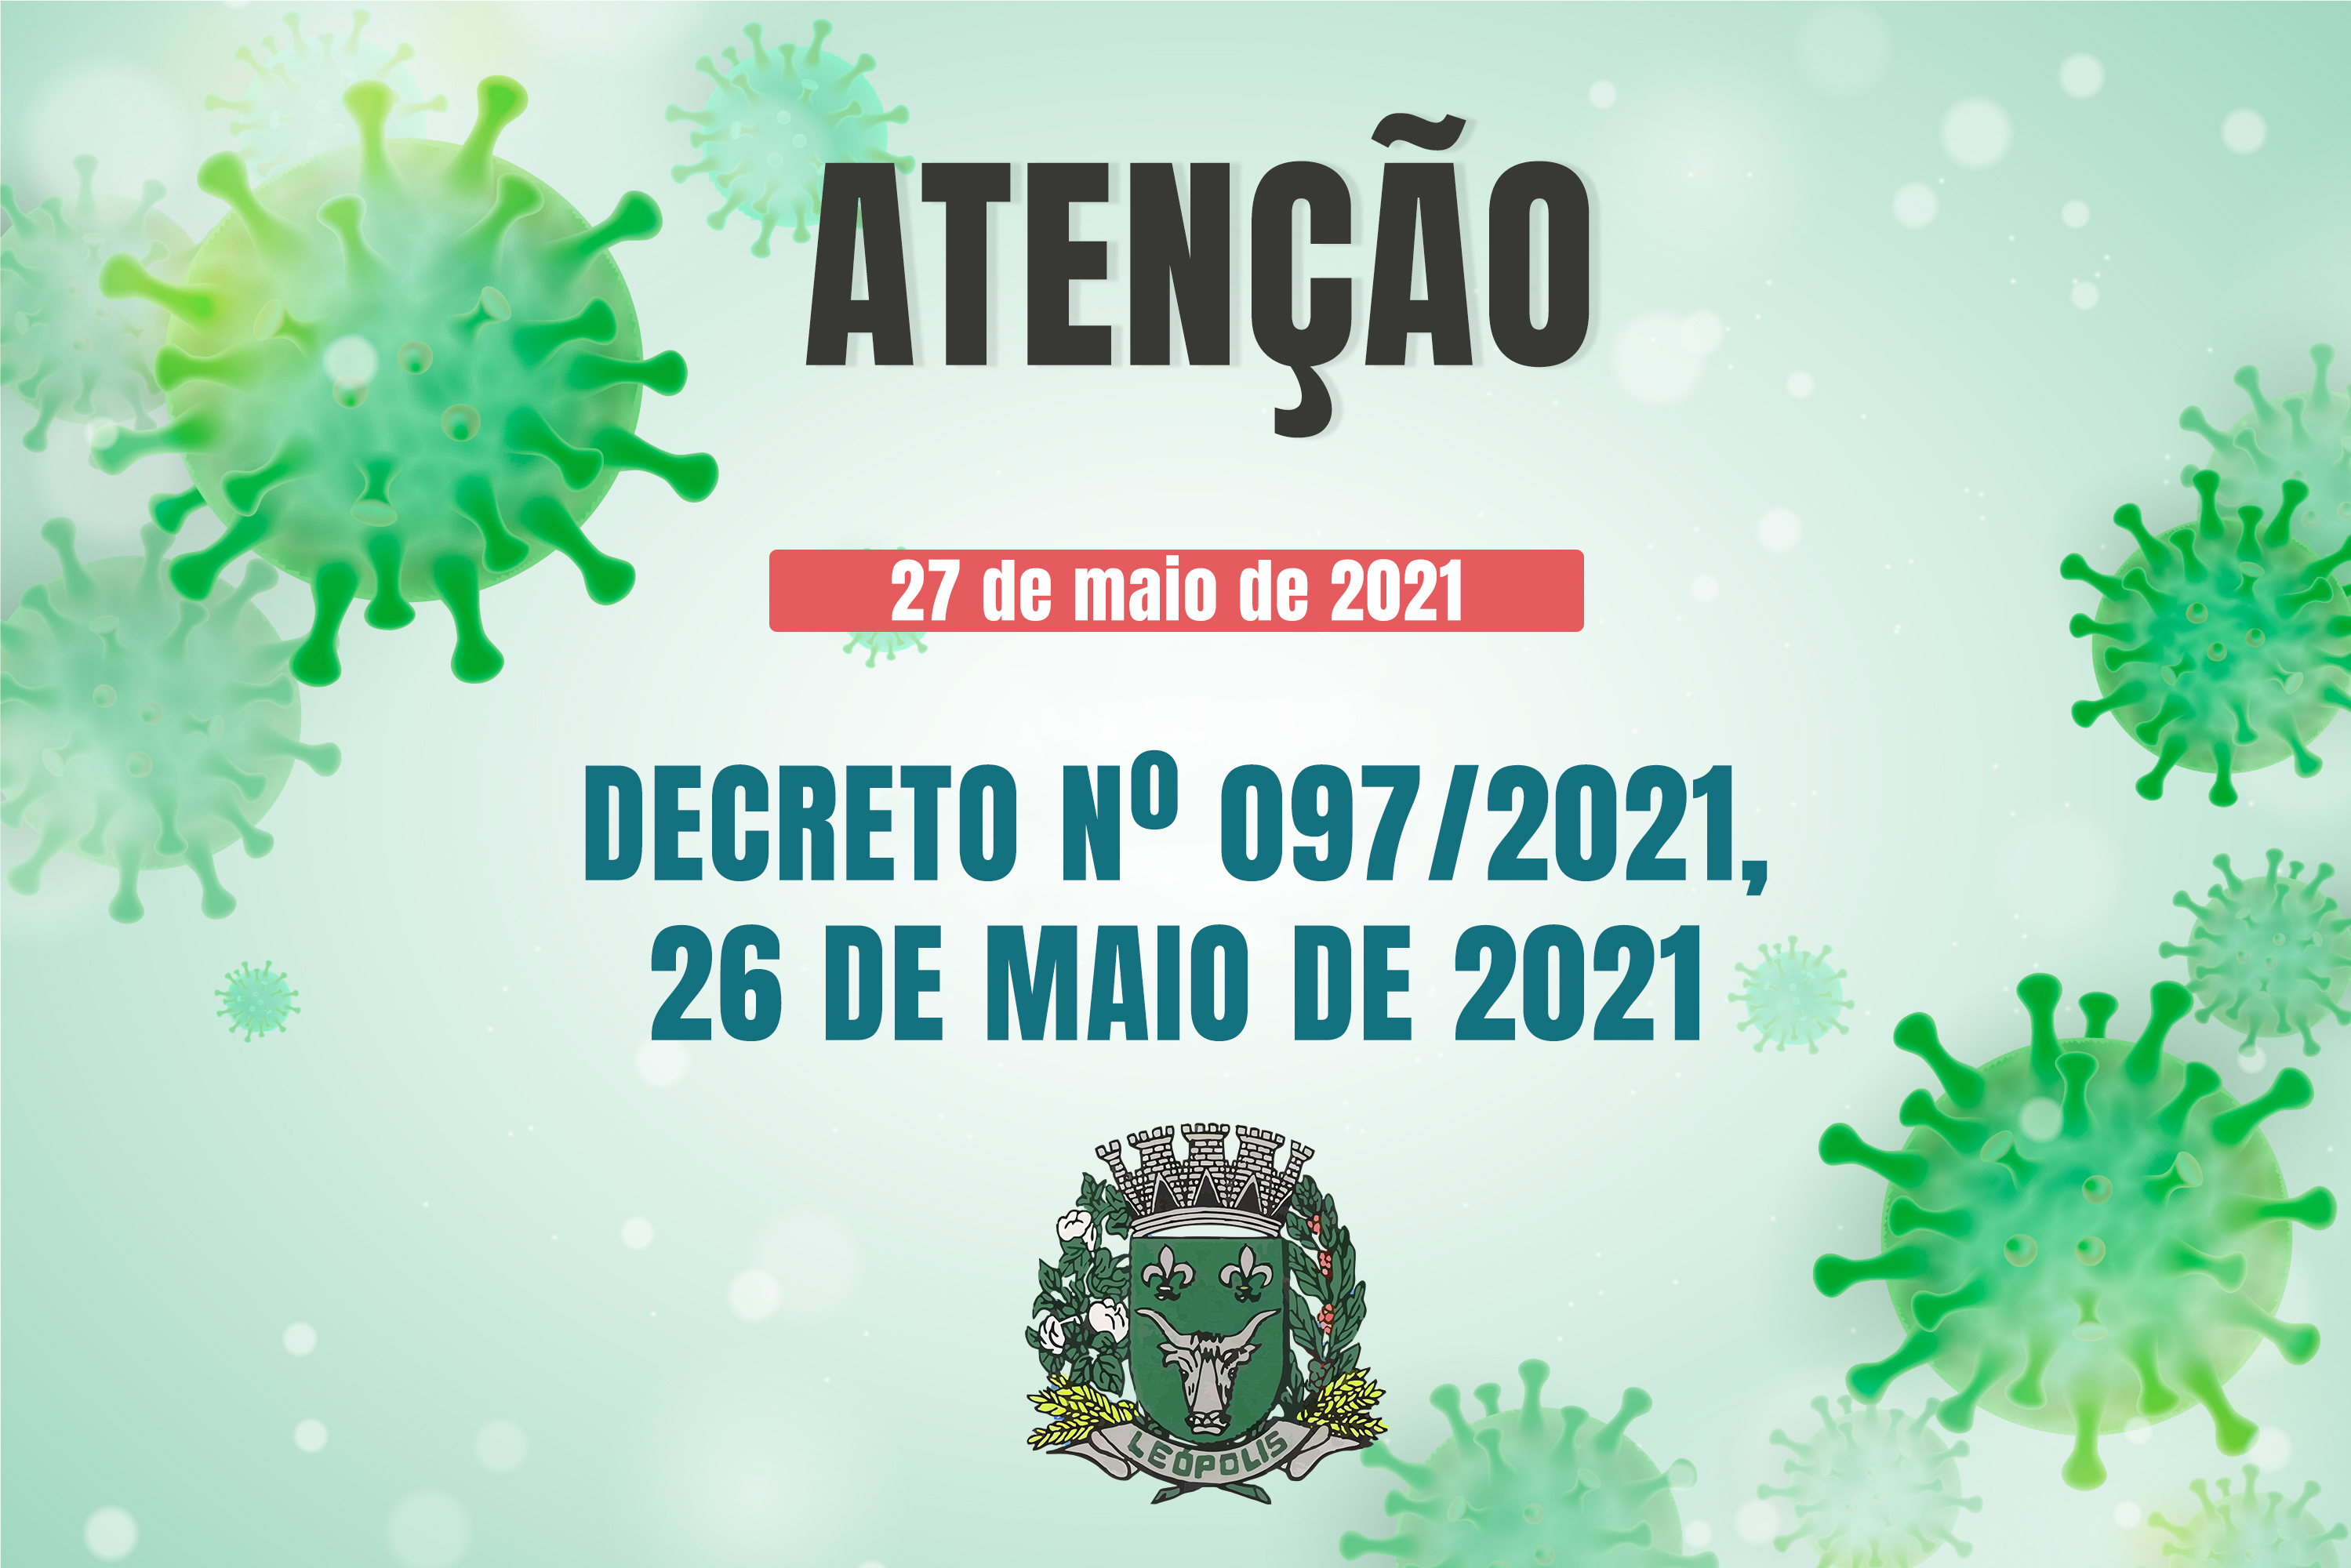 DECRETO 097/2021 - Prorroga medidas restritivas até 09 de junho